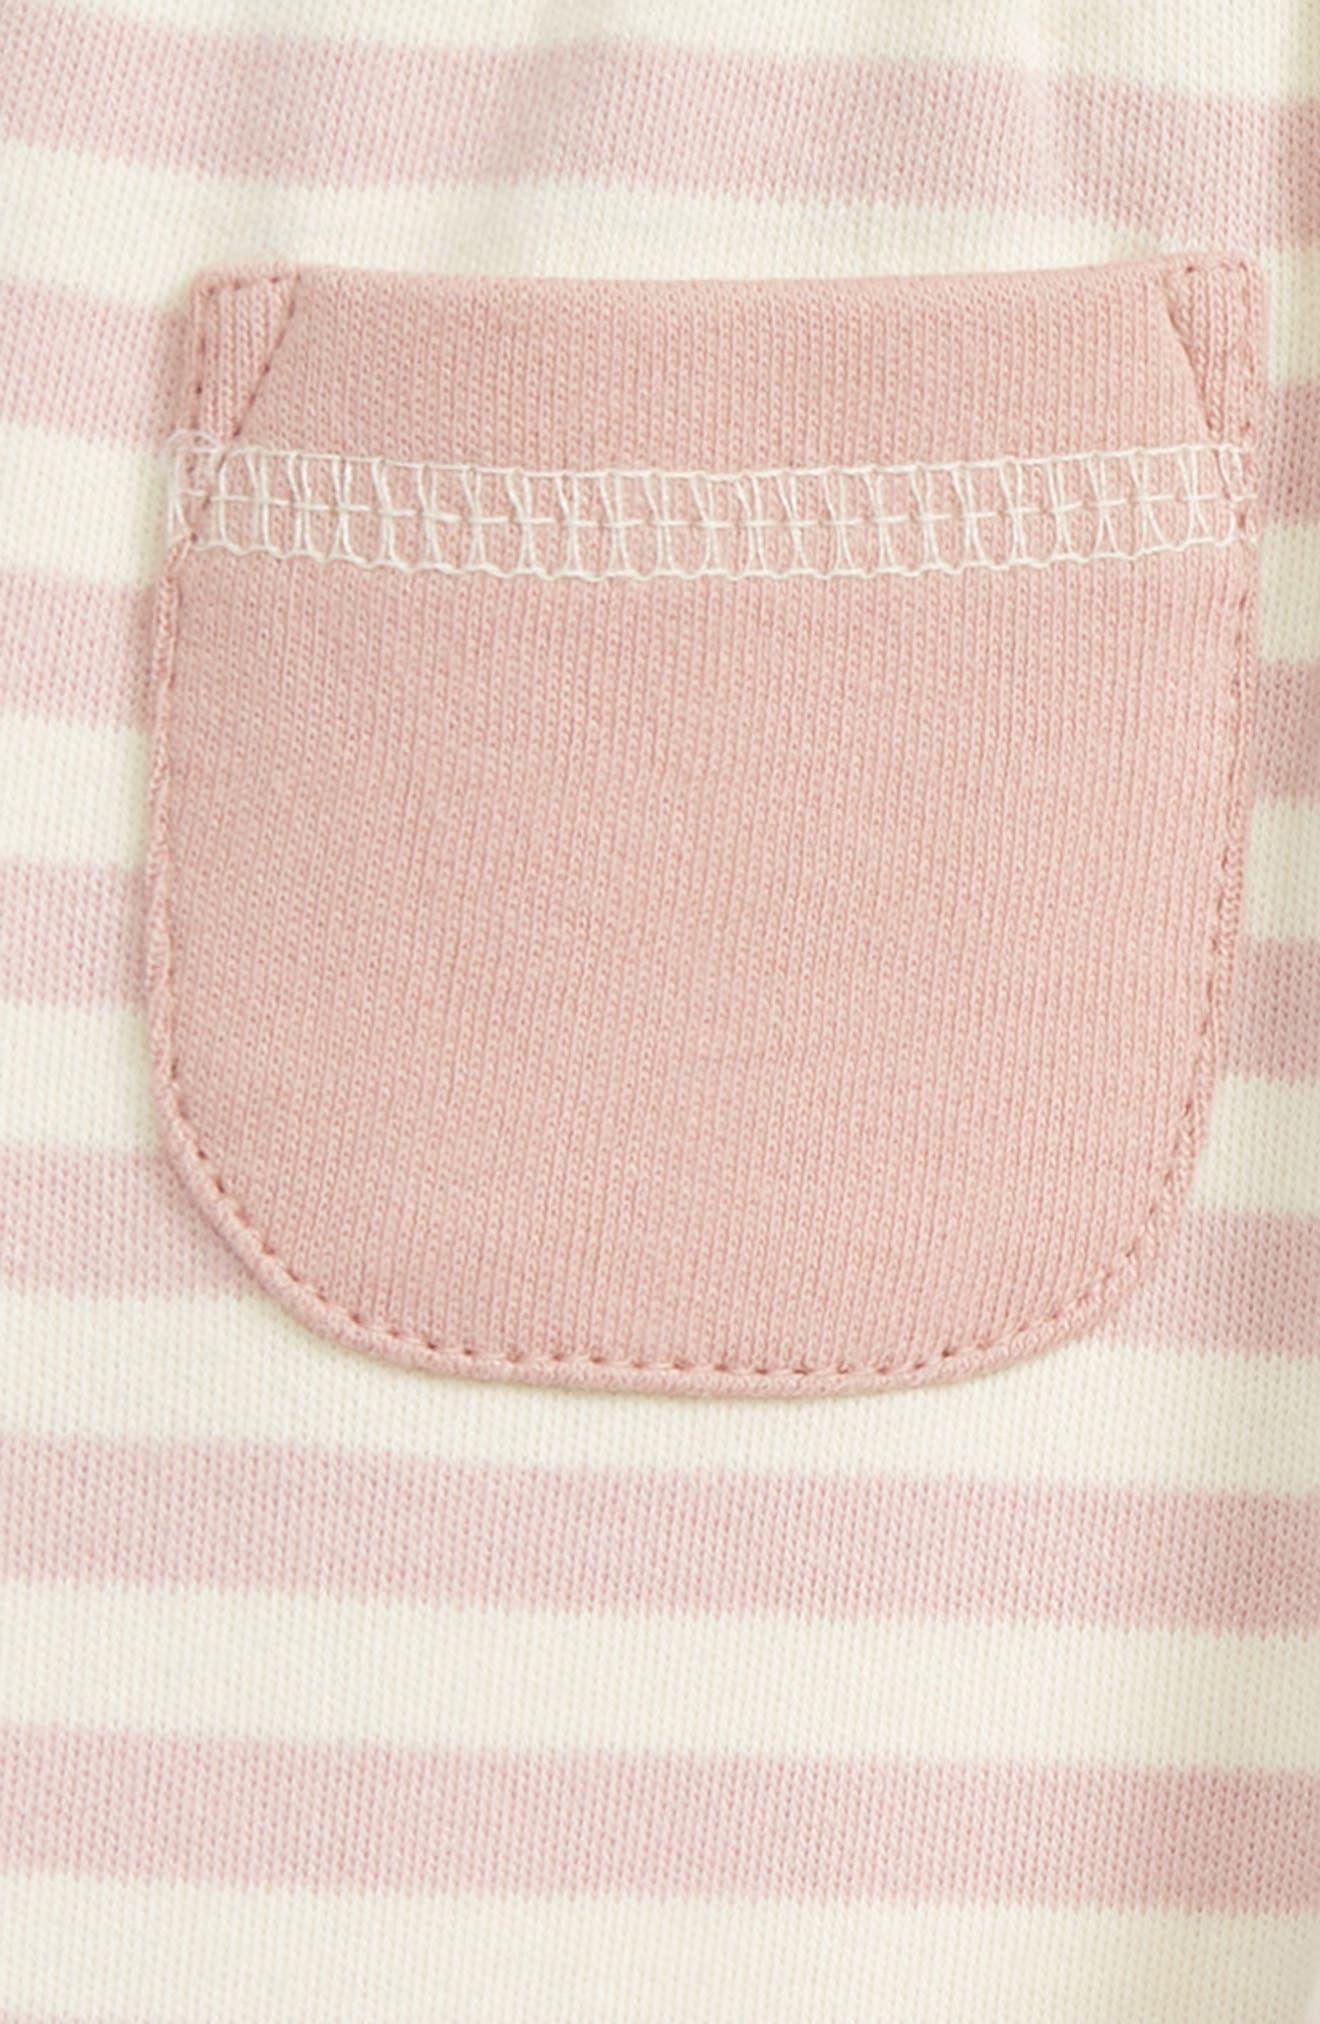 Organic Cotton Jogger Pants,                             Alternate thumbnail 3, color,                             Mauve/ Beige